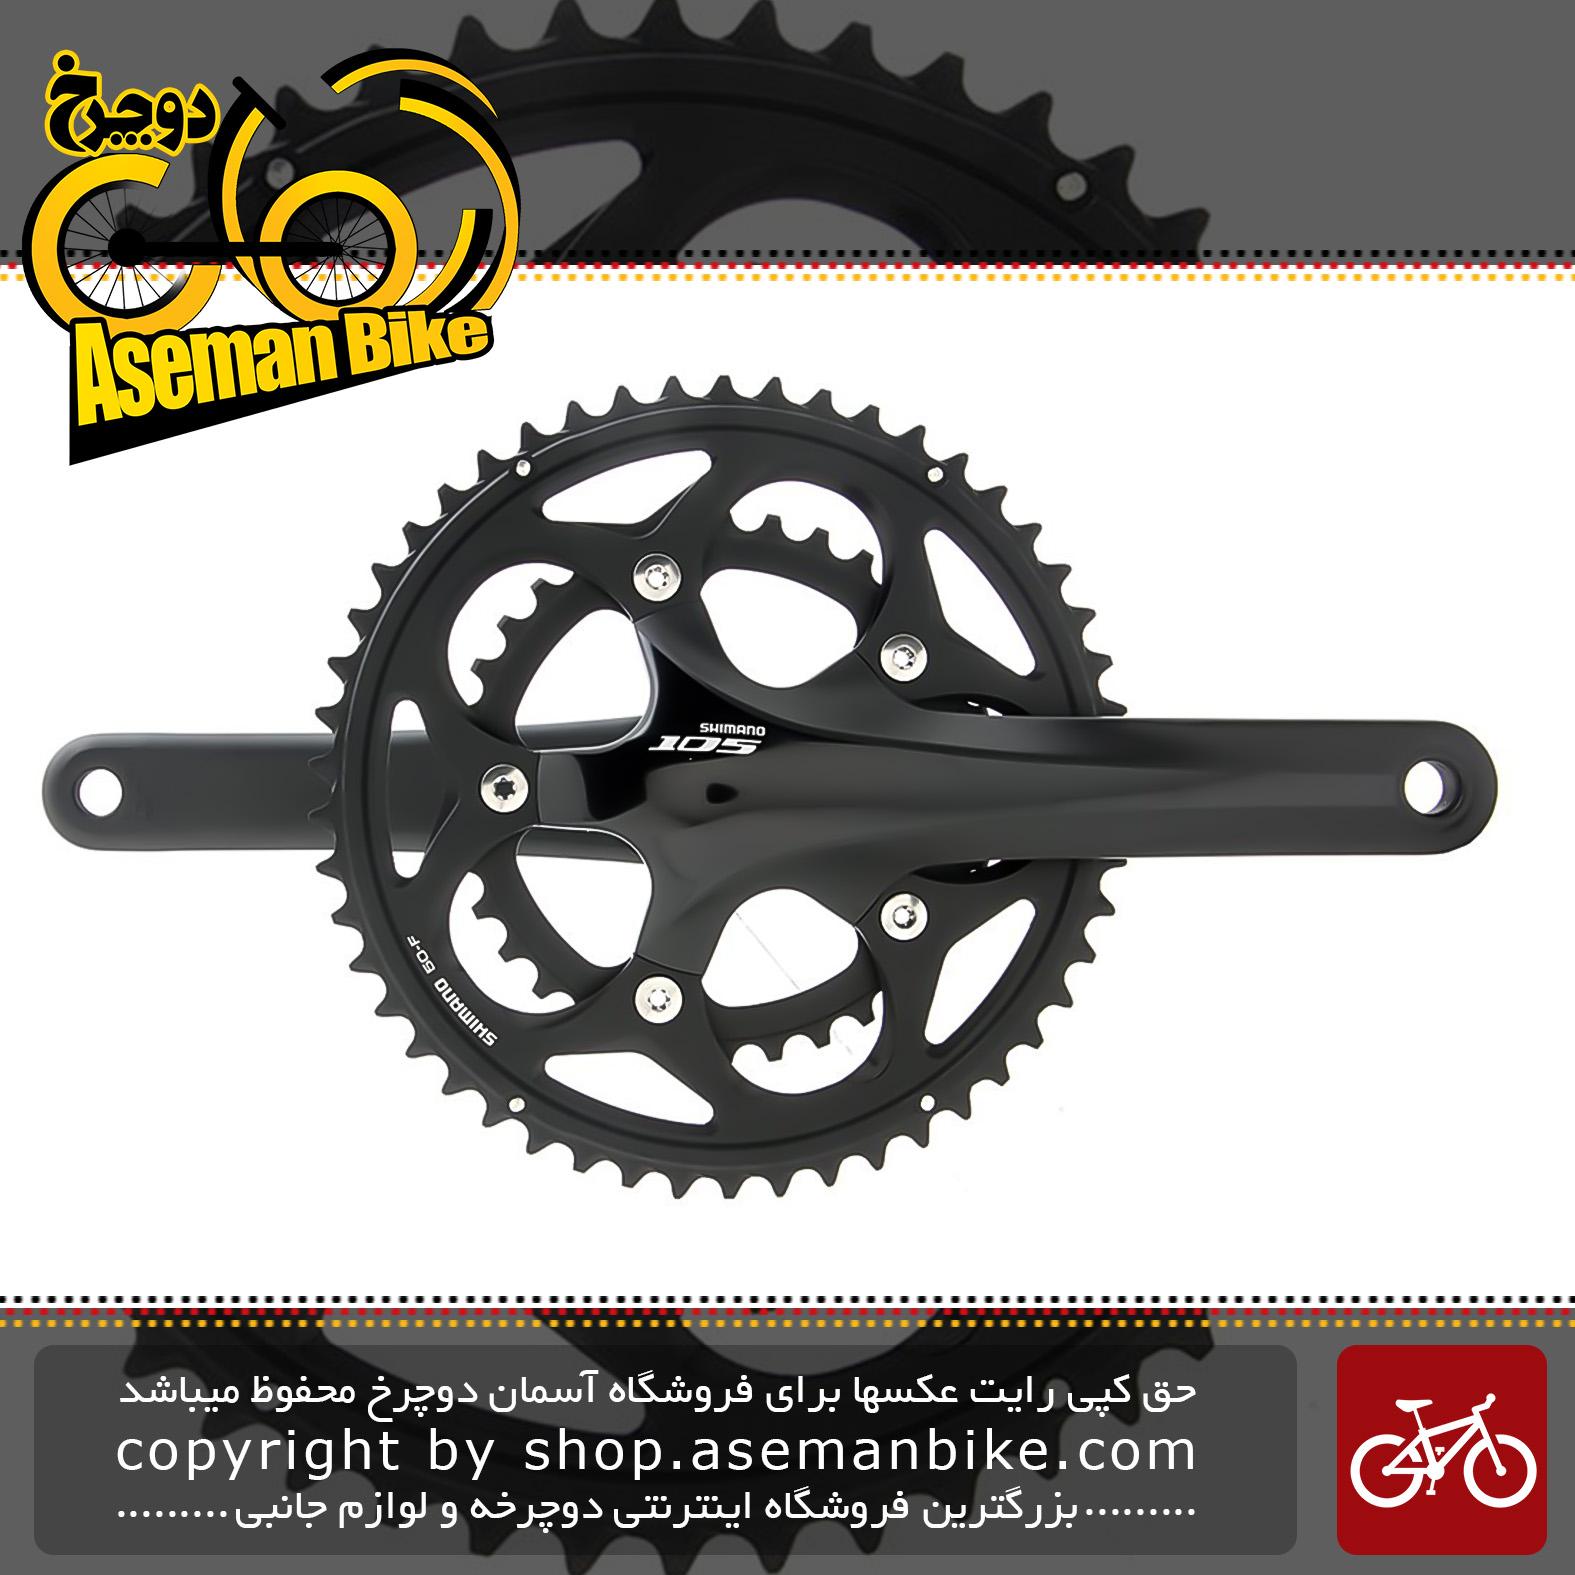 طبق قامه دوچرخه کورسی جاده شیمانو مدل 105 اف سی 5750 34 و 50 دندانه طول بازو 172.5 میلیمتری Shimano Crankset Bicycle FC 5750 105 50X34T 17.25 Mm